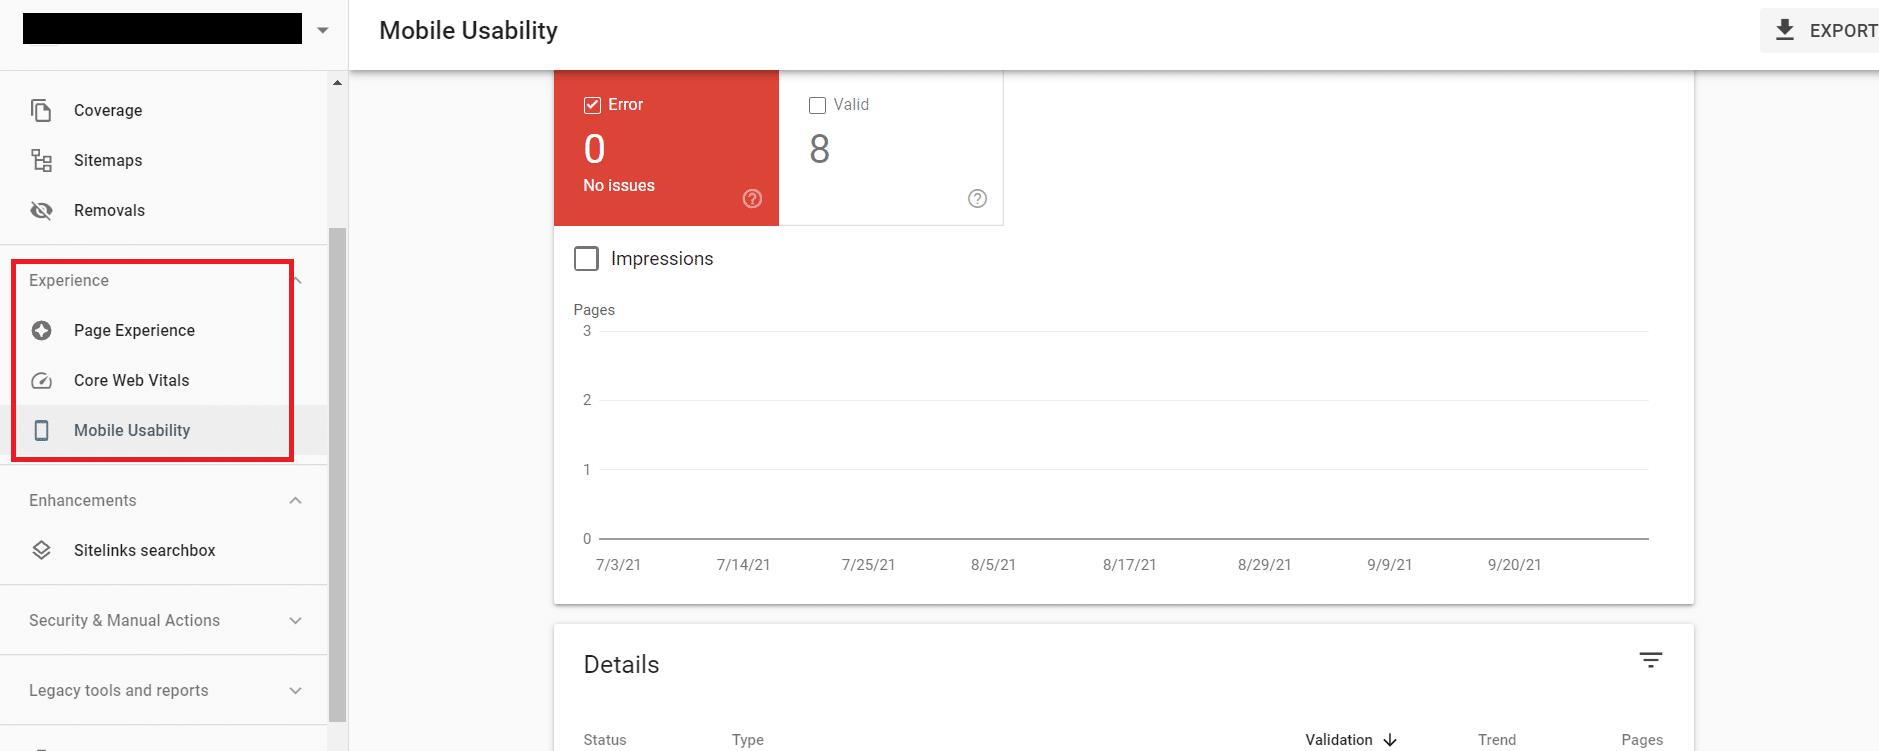 Capture d'écran de la page d'optimisation de la console de recherche Google.